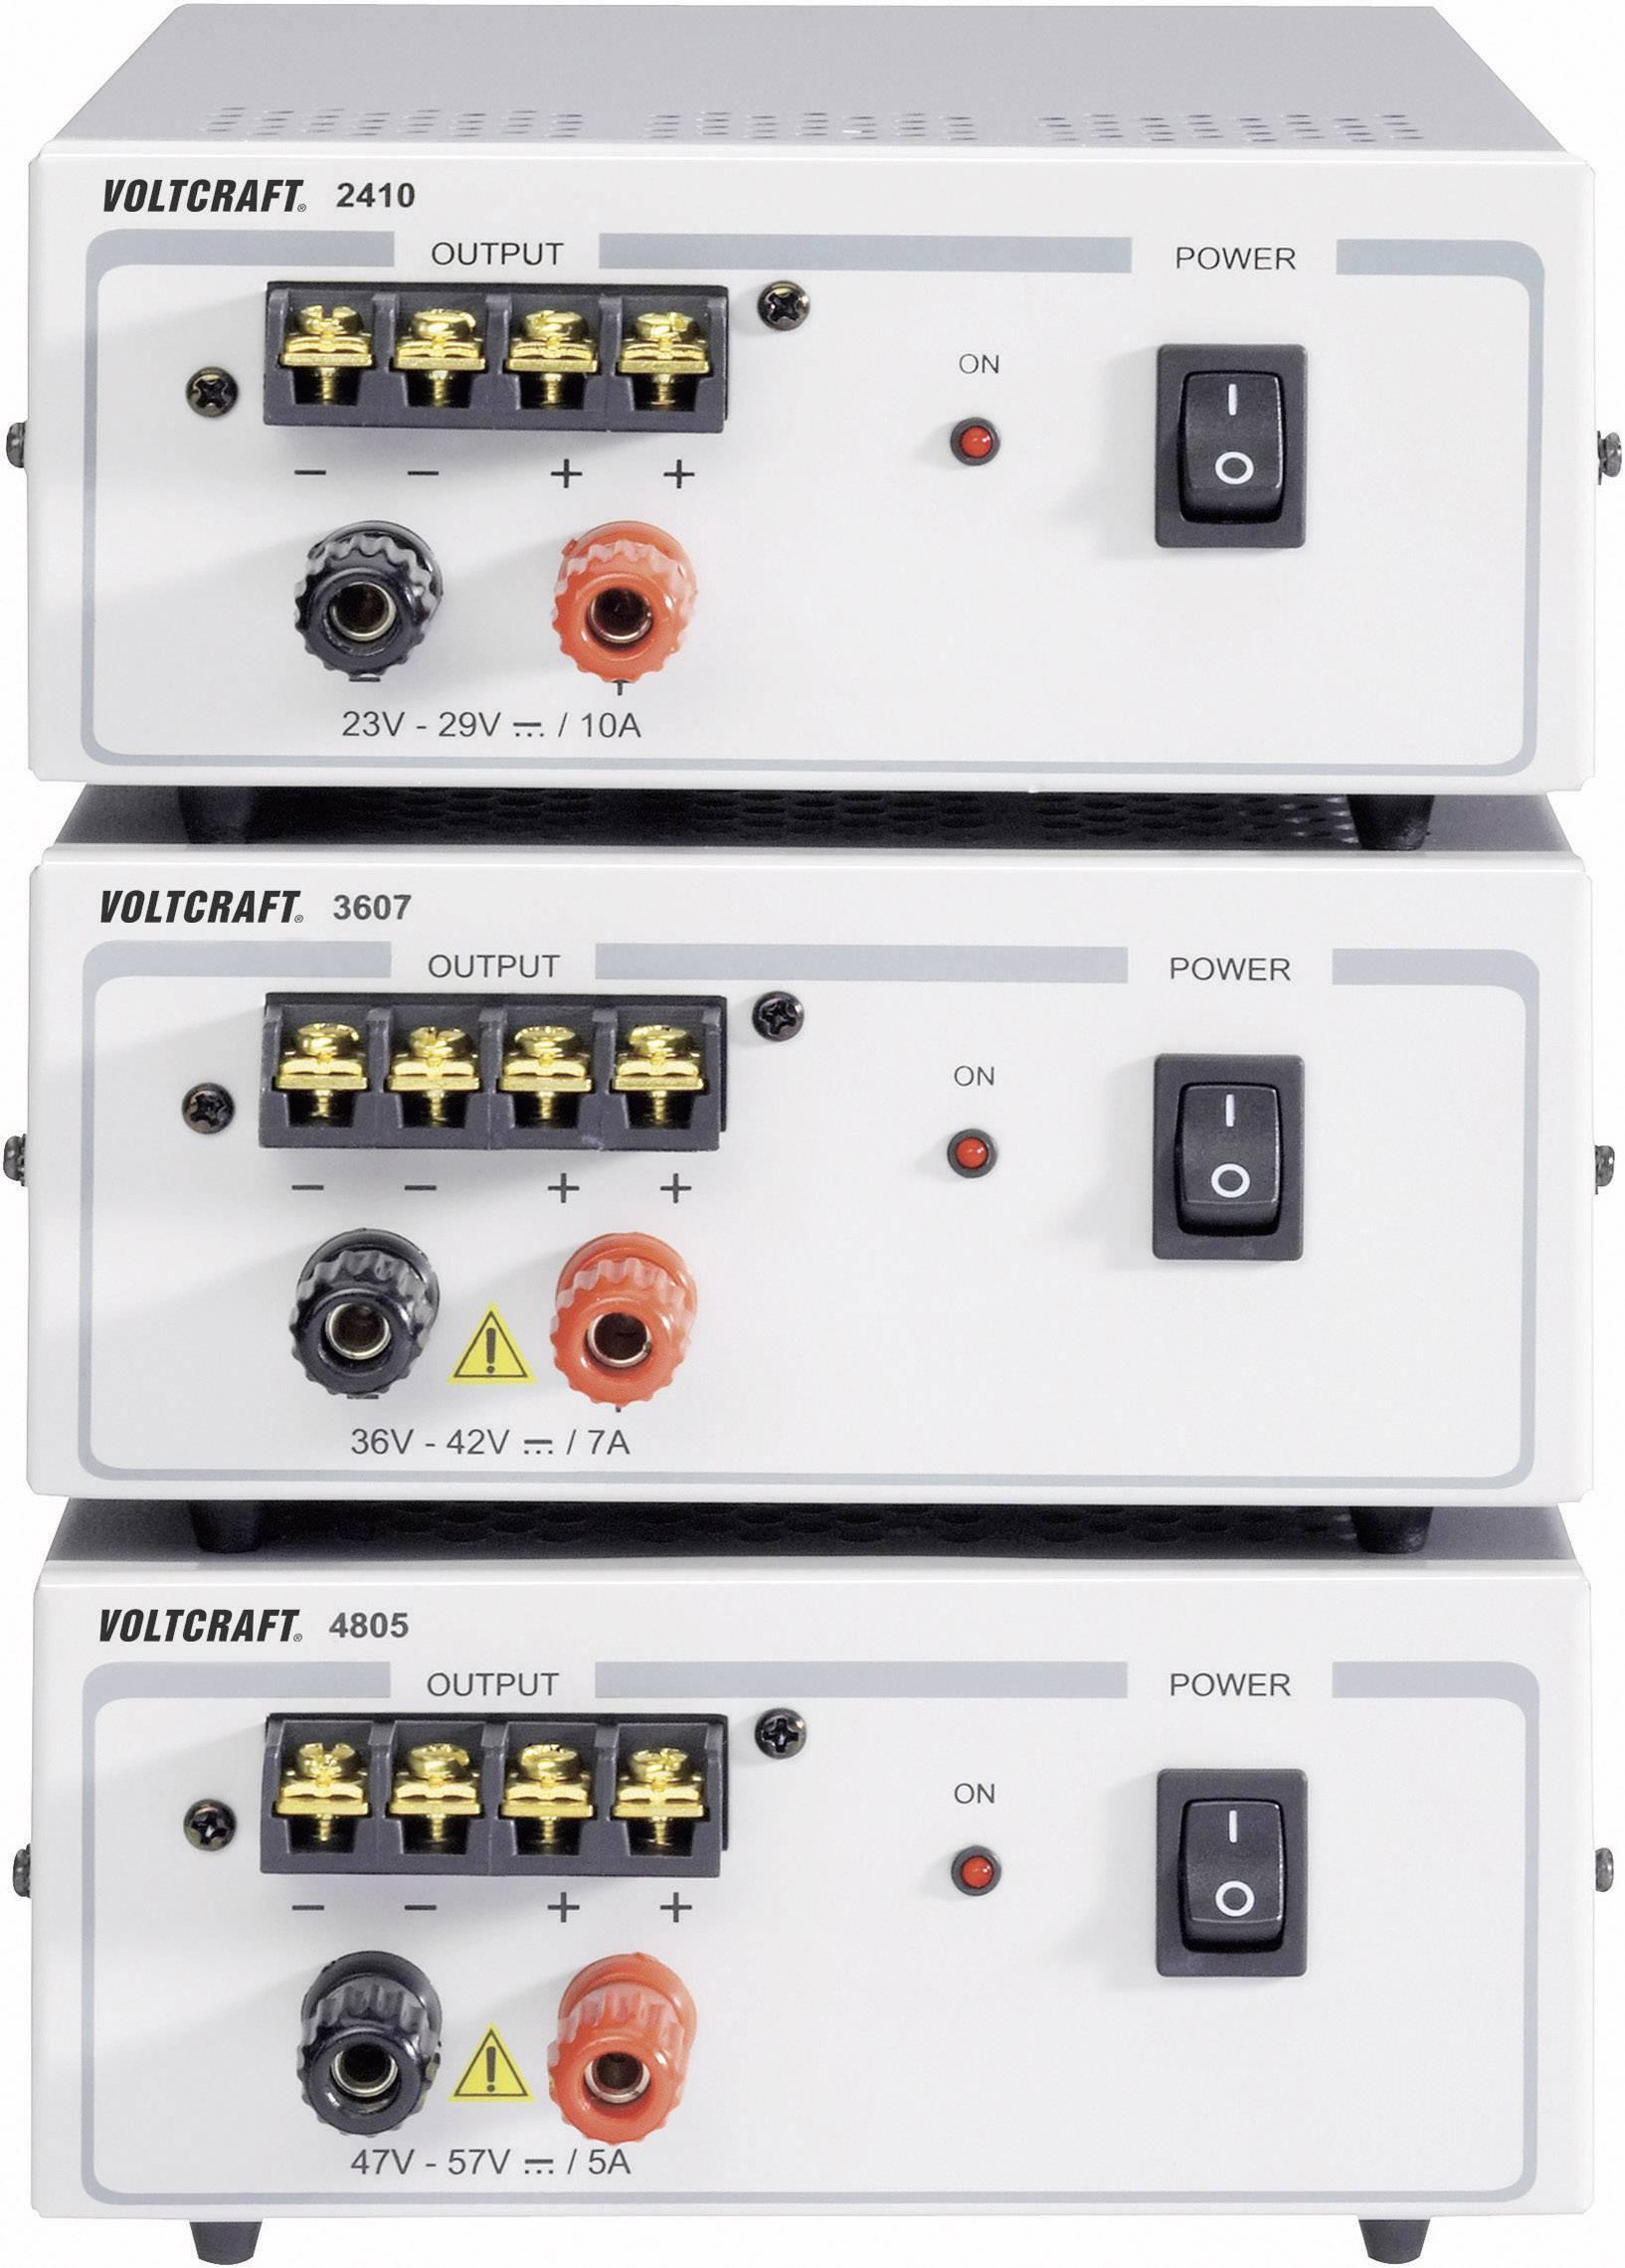 Laboratórny zdroj s pevným napätím VOLTCRAFT FSP 2410, 24 - 29 V/DC, 240 W, 10 A